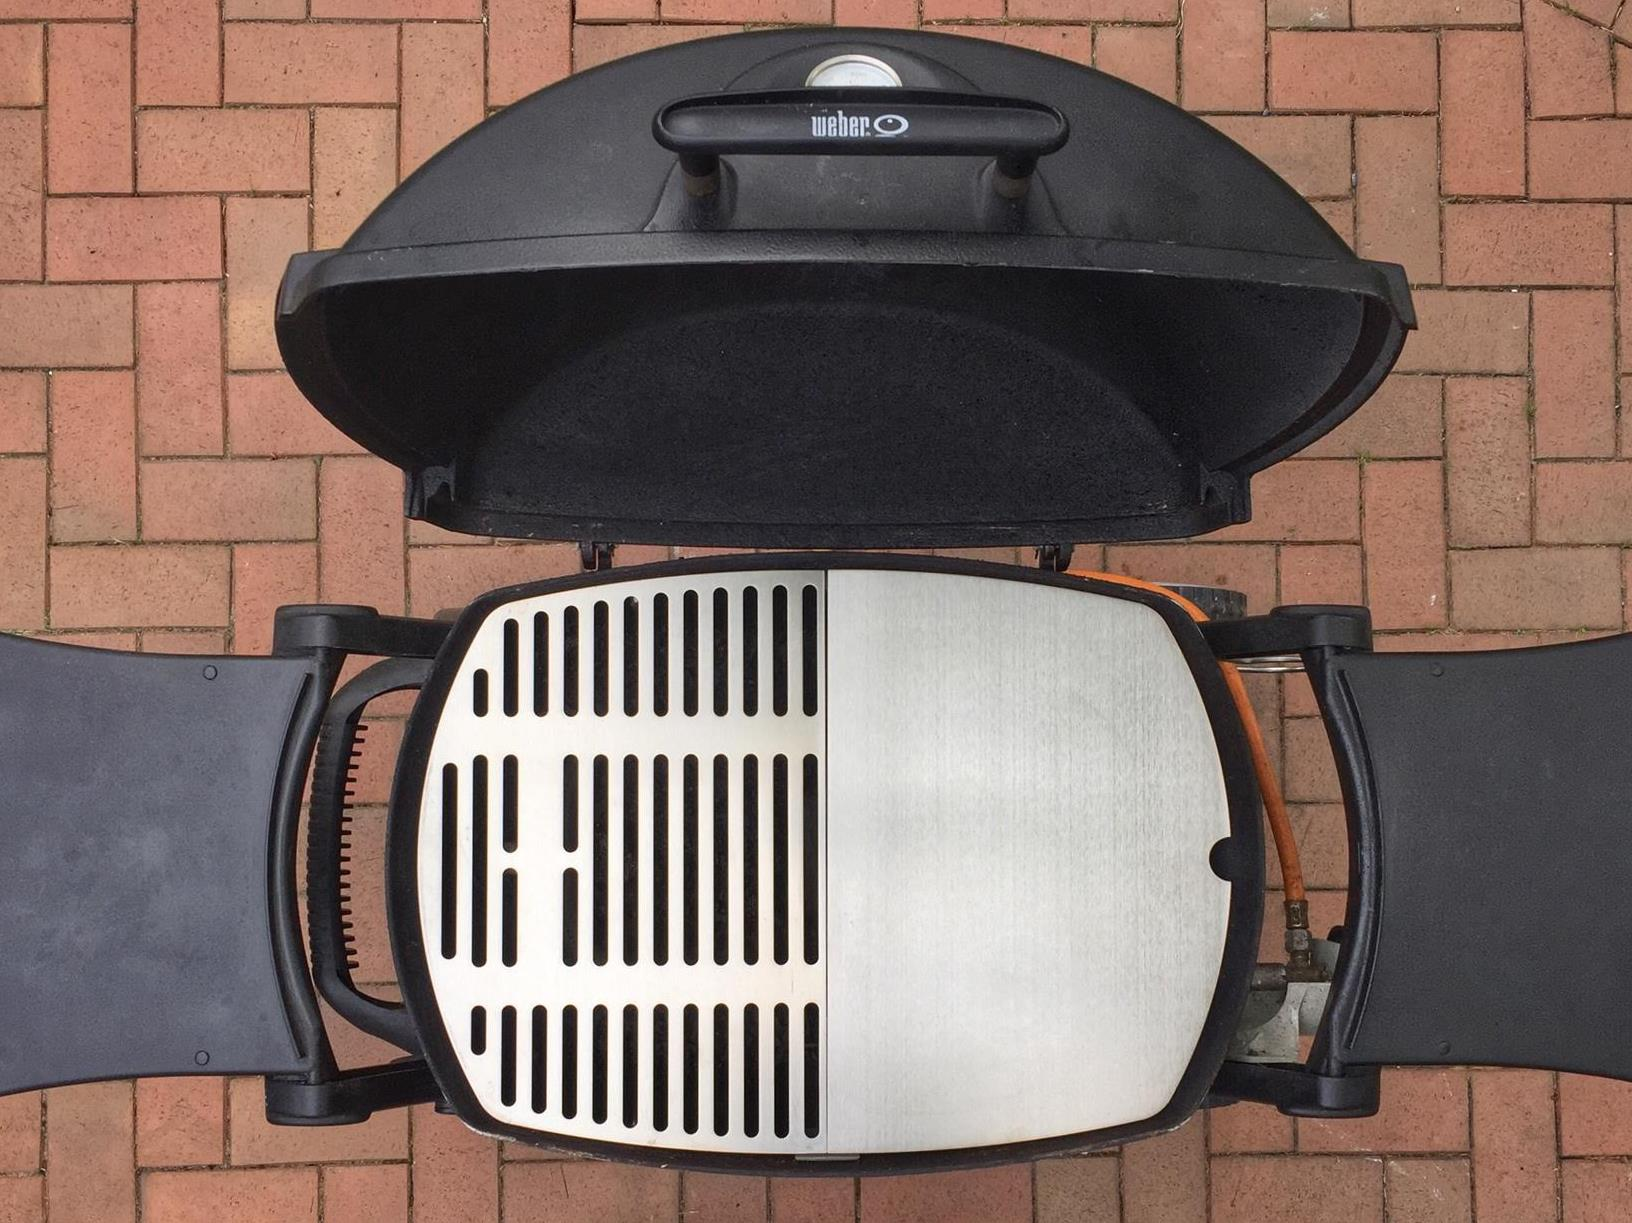 Pulled Pork Gasgrill Q 220 : Bigmeatlove testet grillrost edelstahl rost für weber q model